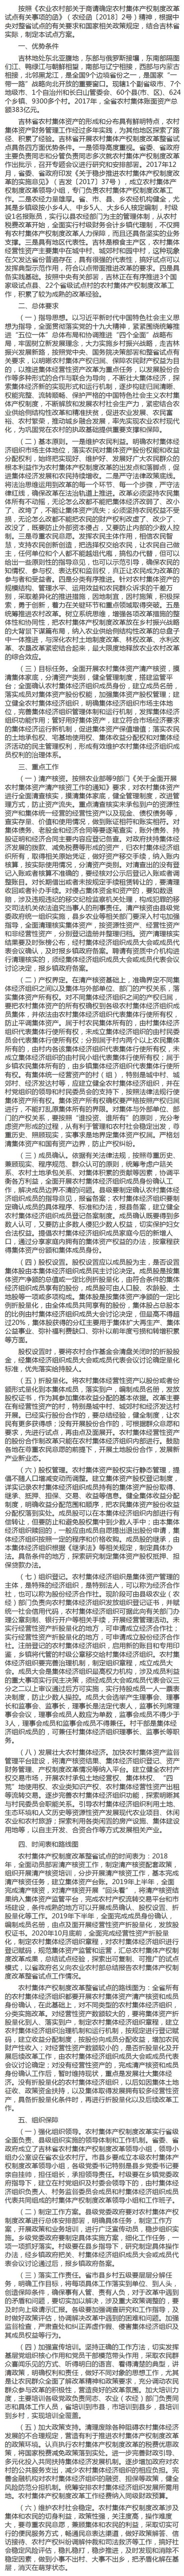 吉林省发布农村集体产权制度改革试点方案